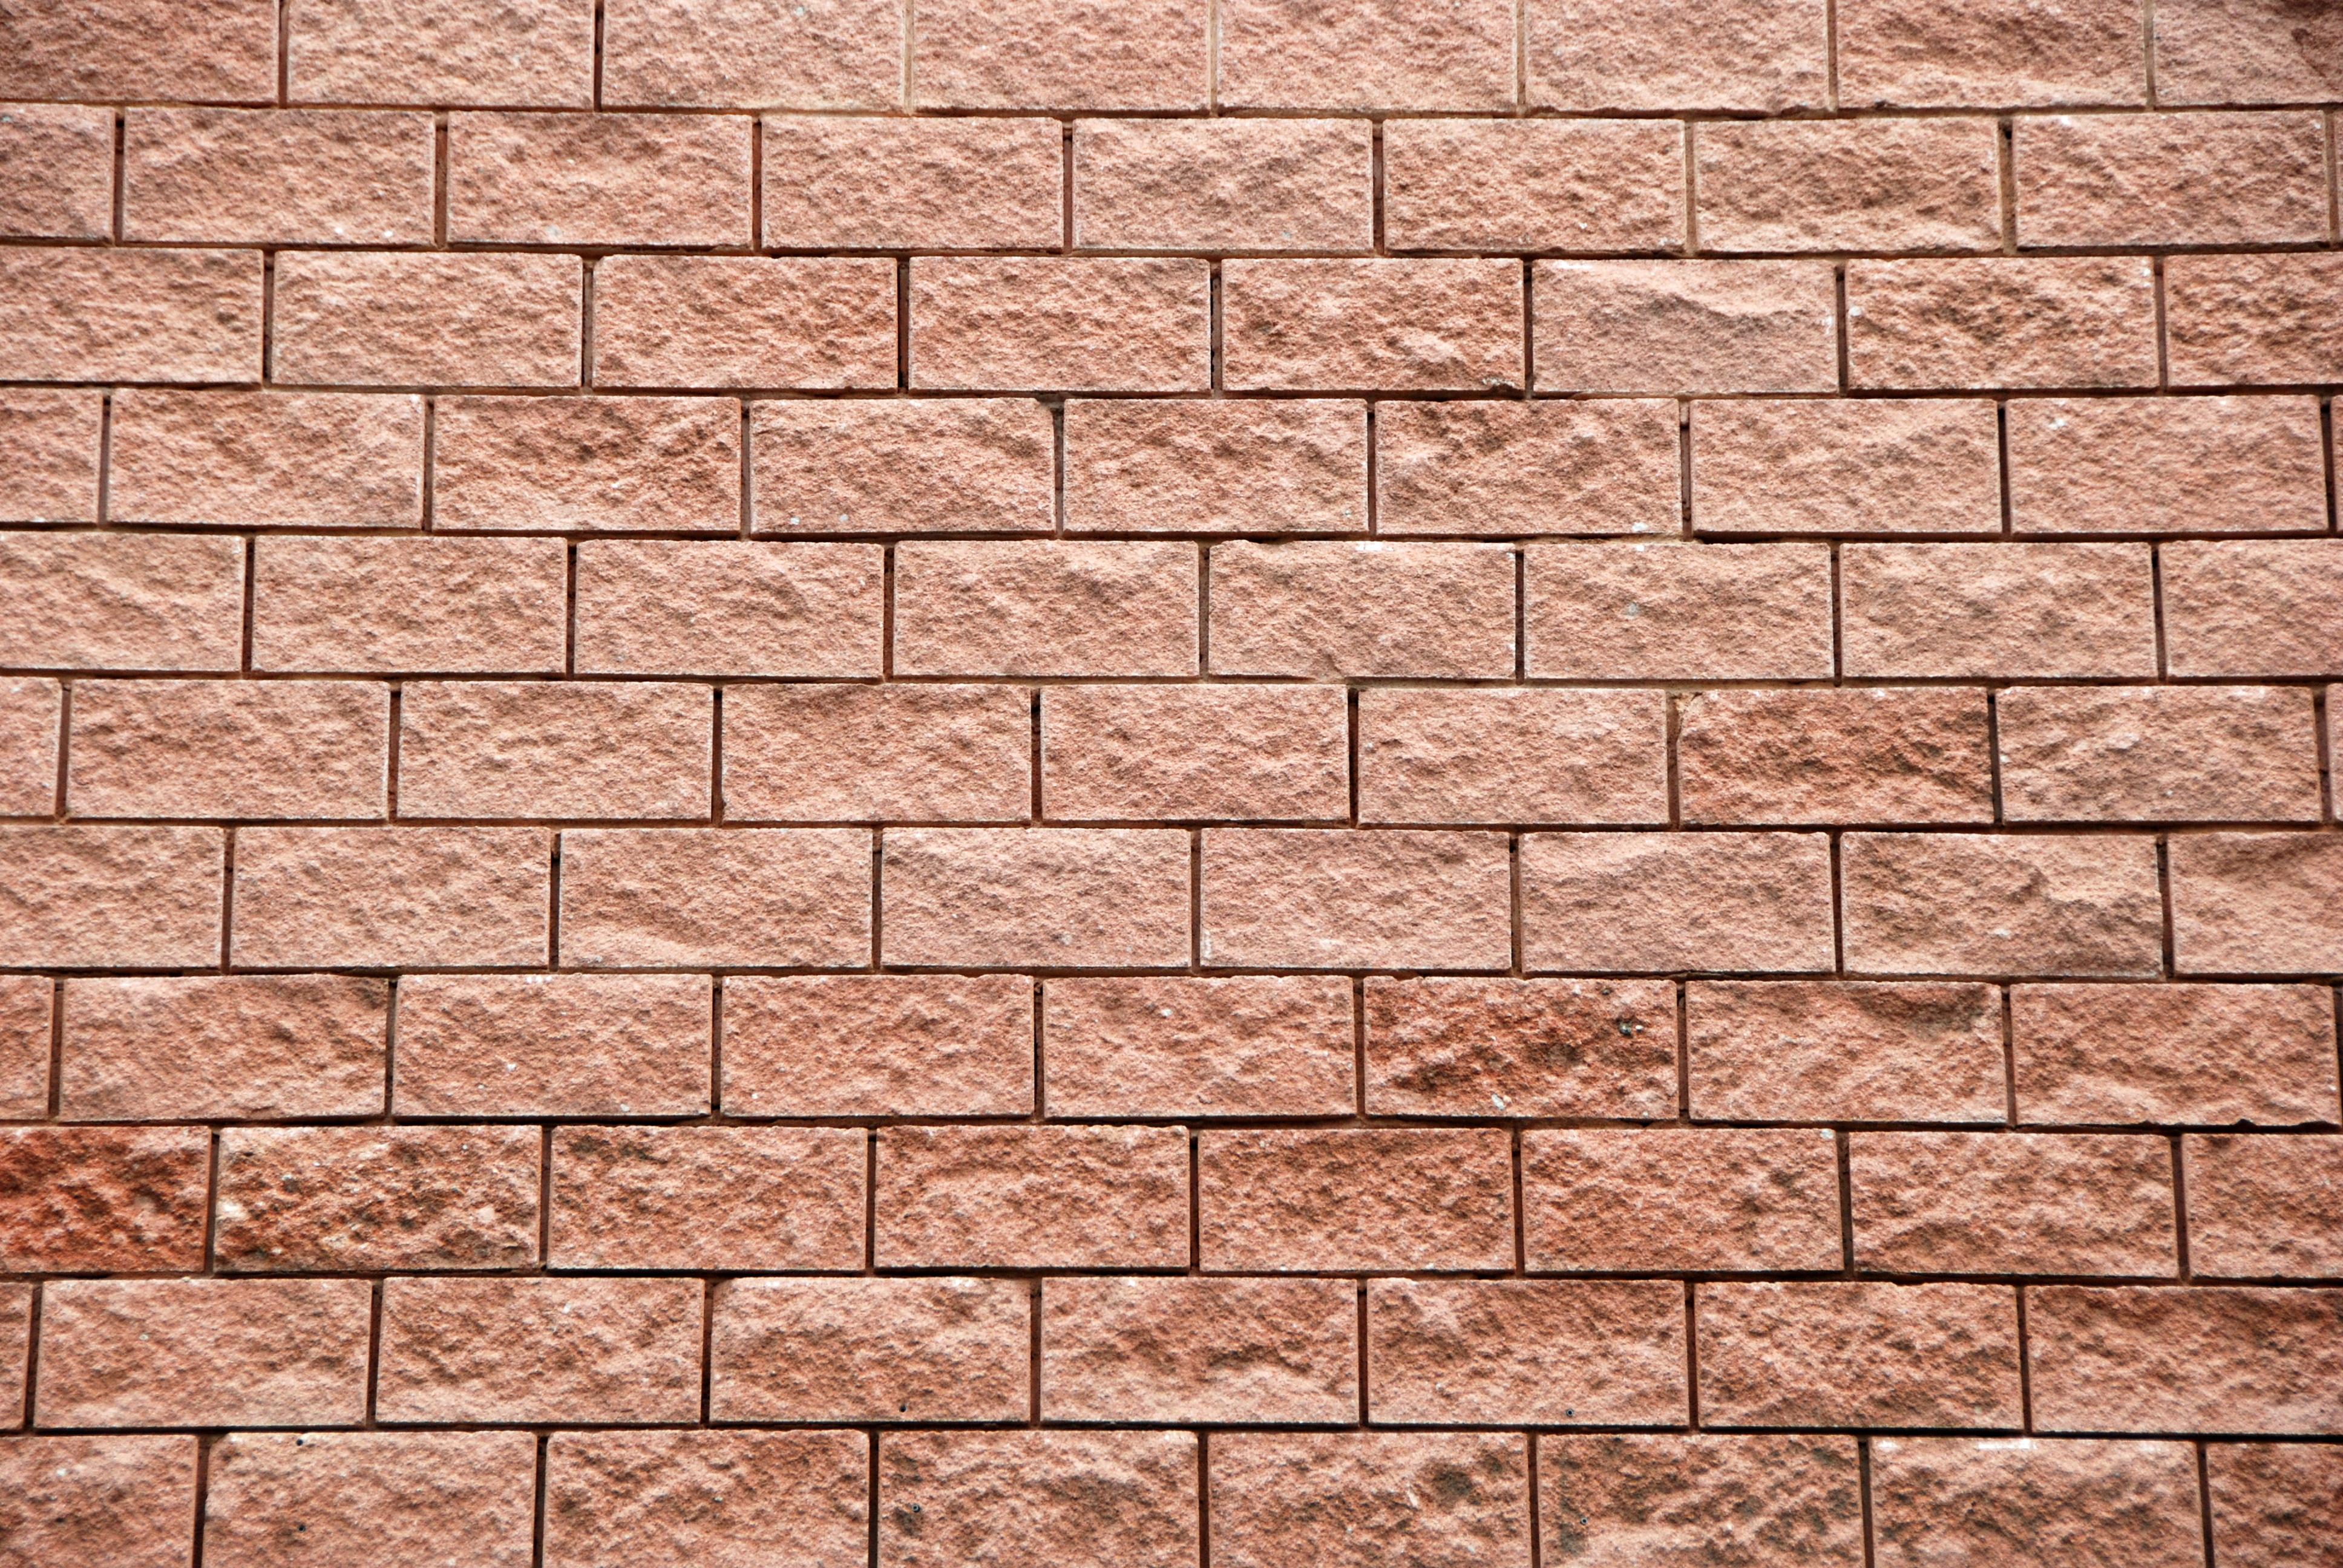 Ladrillos piedra salm n canarias creativa - Ladrillos de piedra ...